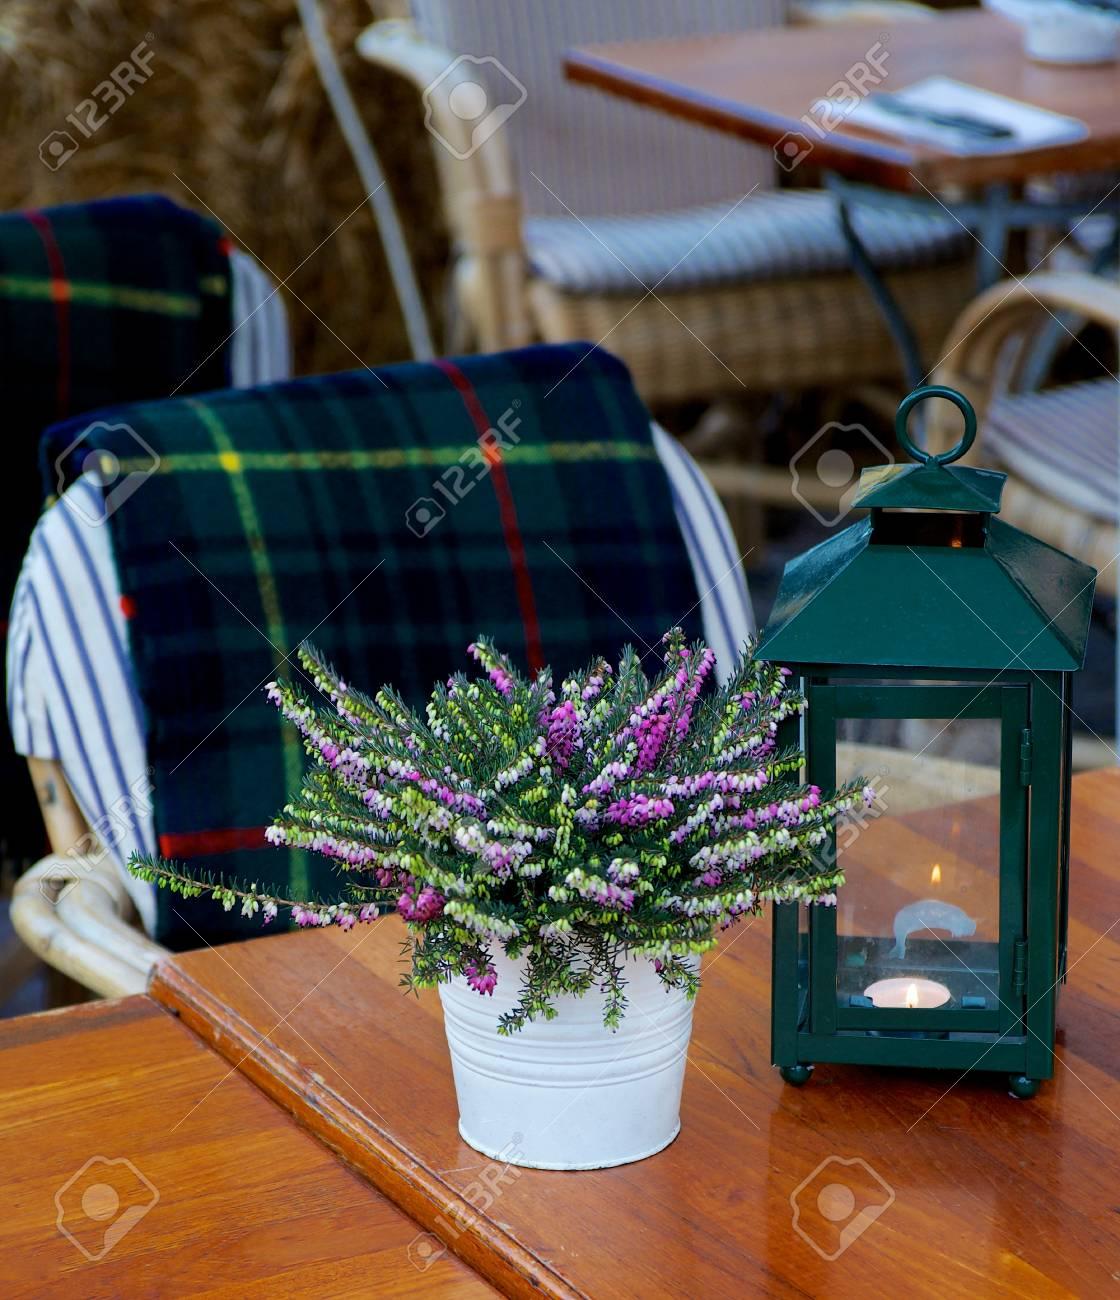 Immagini Stock Elegante Rustico Caffe Con Tavoli In Legno Verde Lampada Da Tavolo Vaso Da Fiori Di Lavanda E Il Plaid Checkered Sulla Sedia Esterna Image 46074167